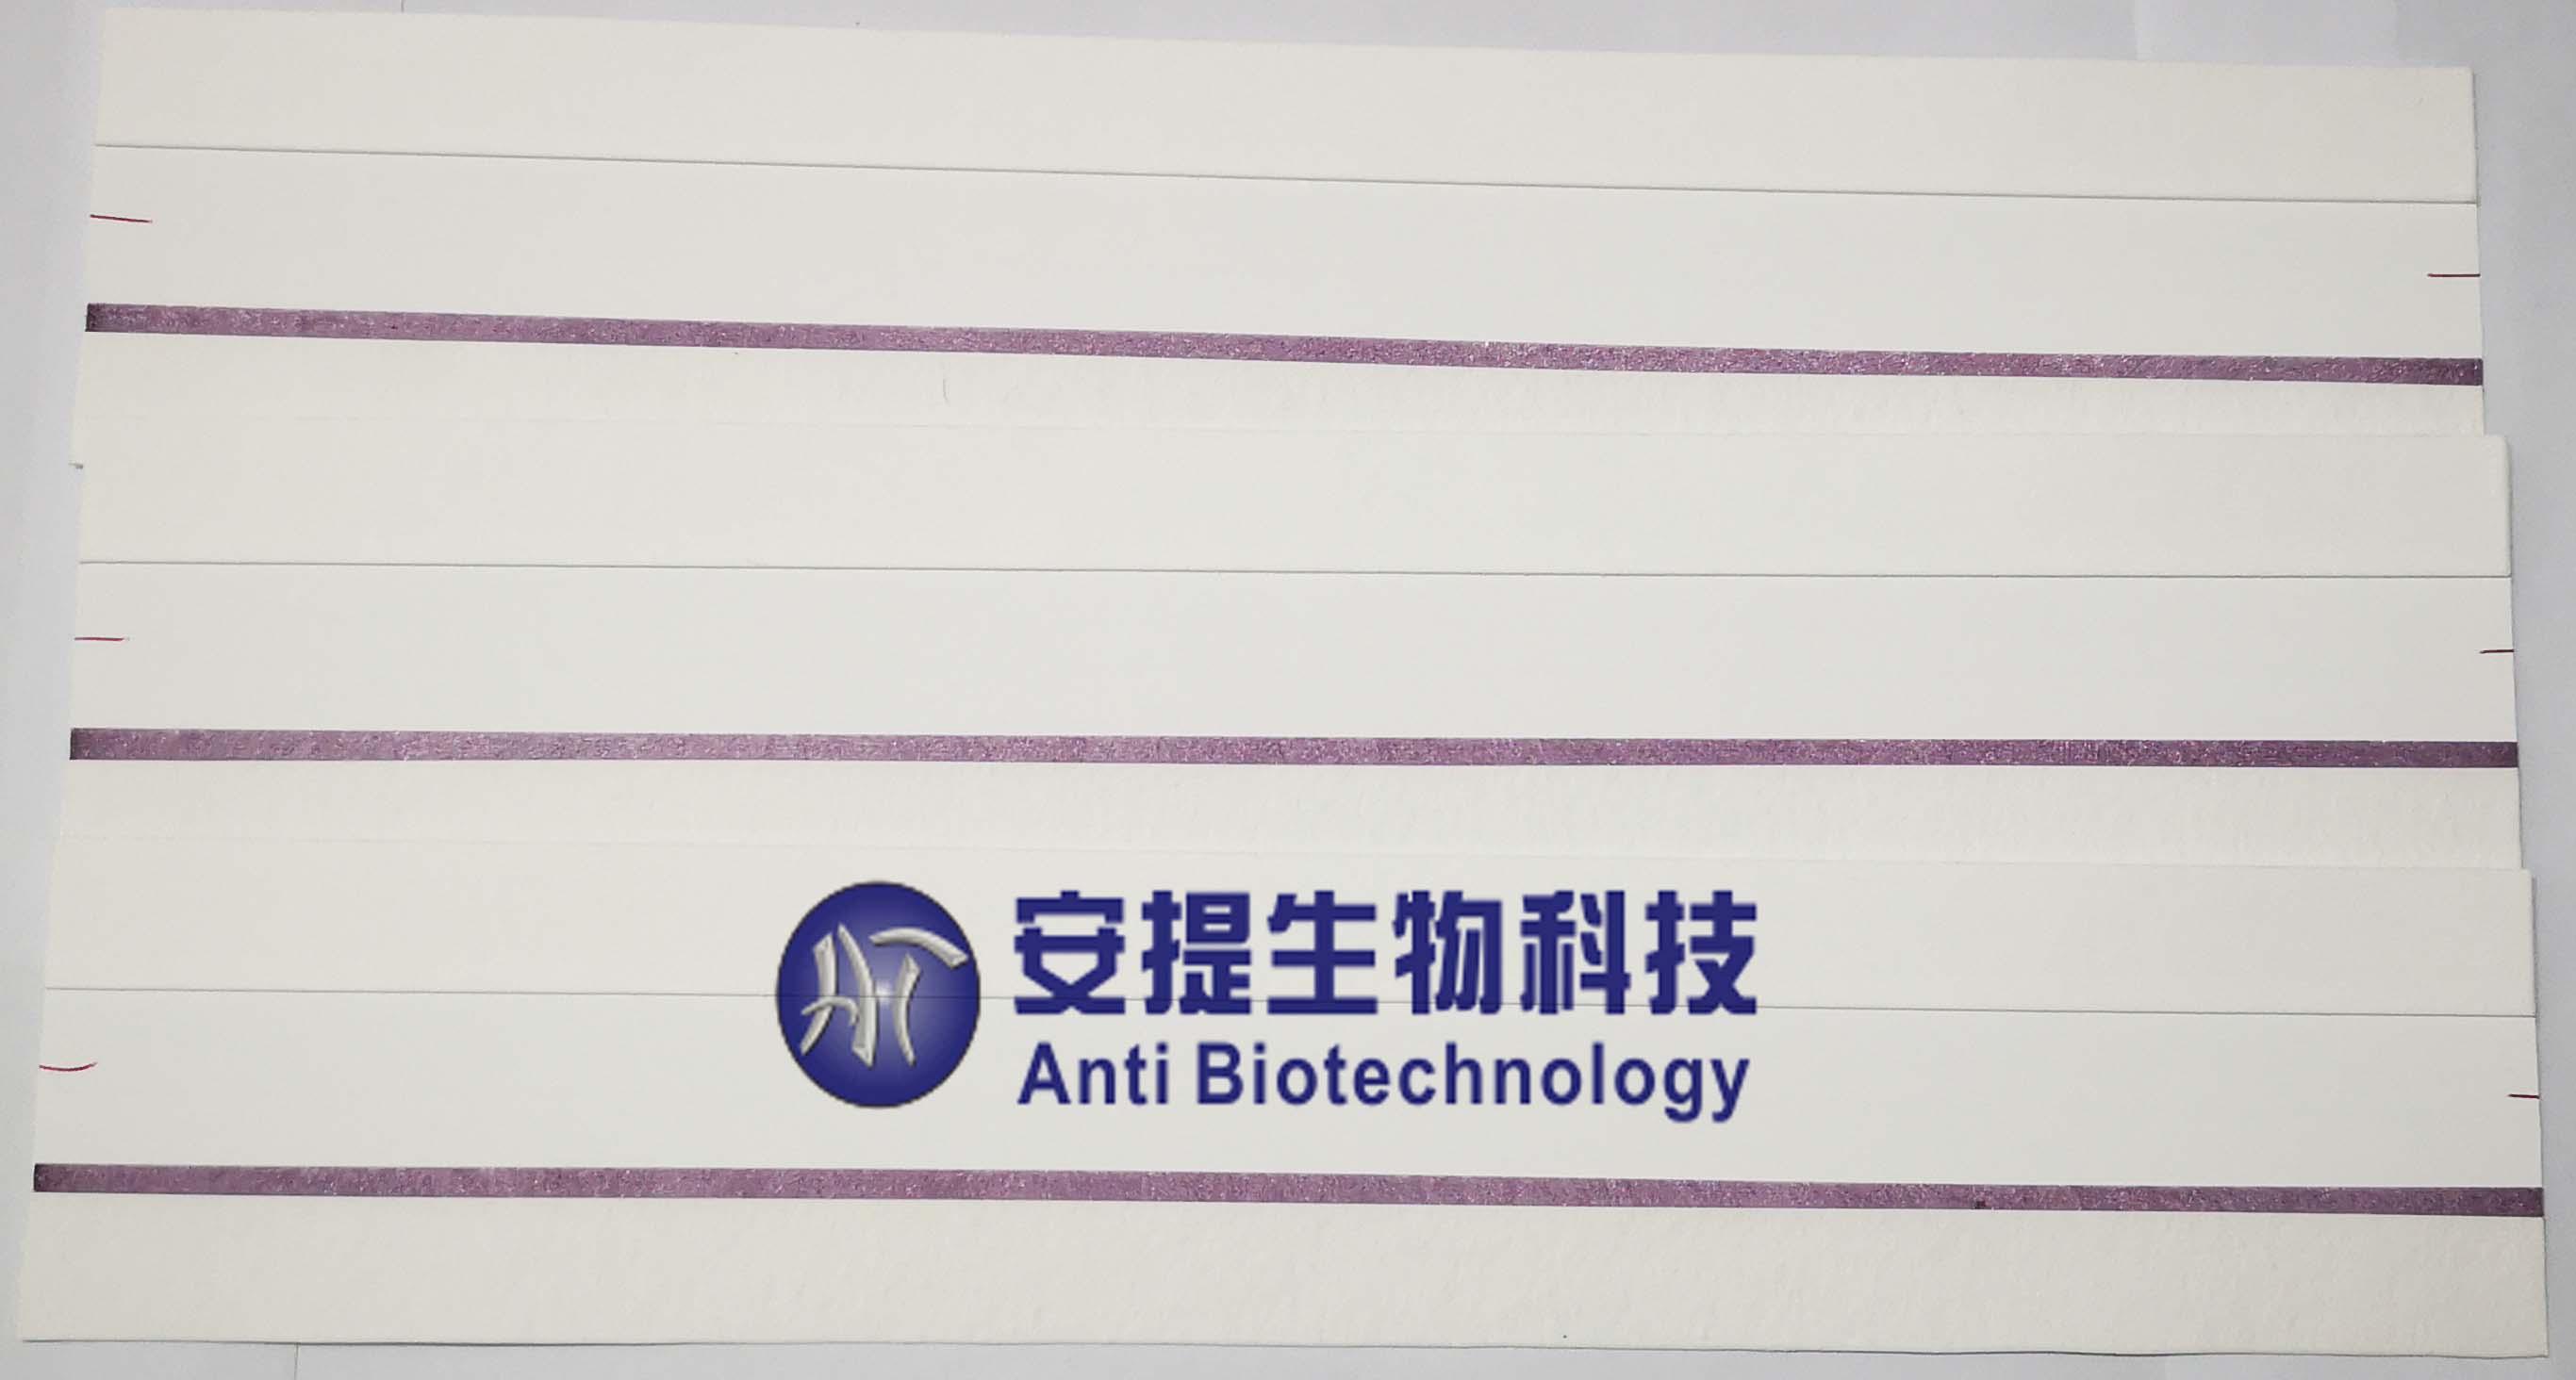 乙型流感检测卡 乙型流感试纸 乙型流感半成品 乙型流感胶体金大板